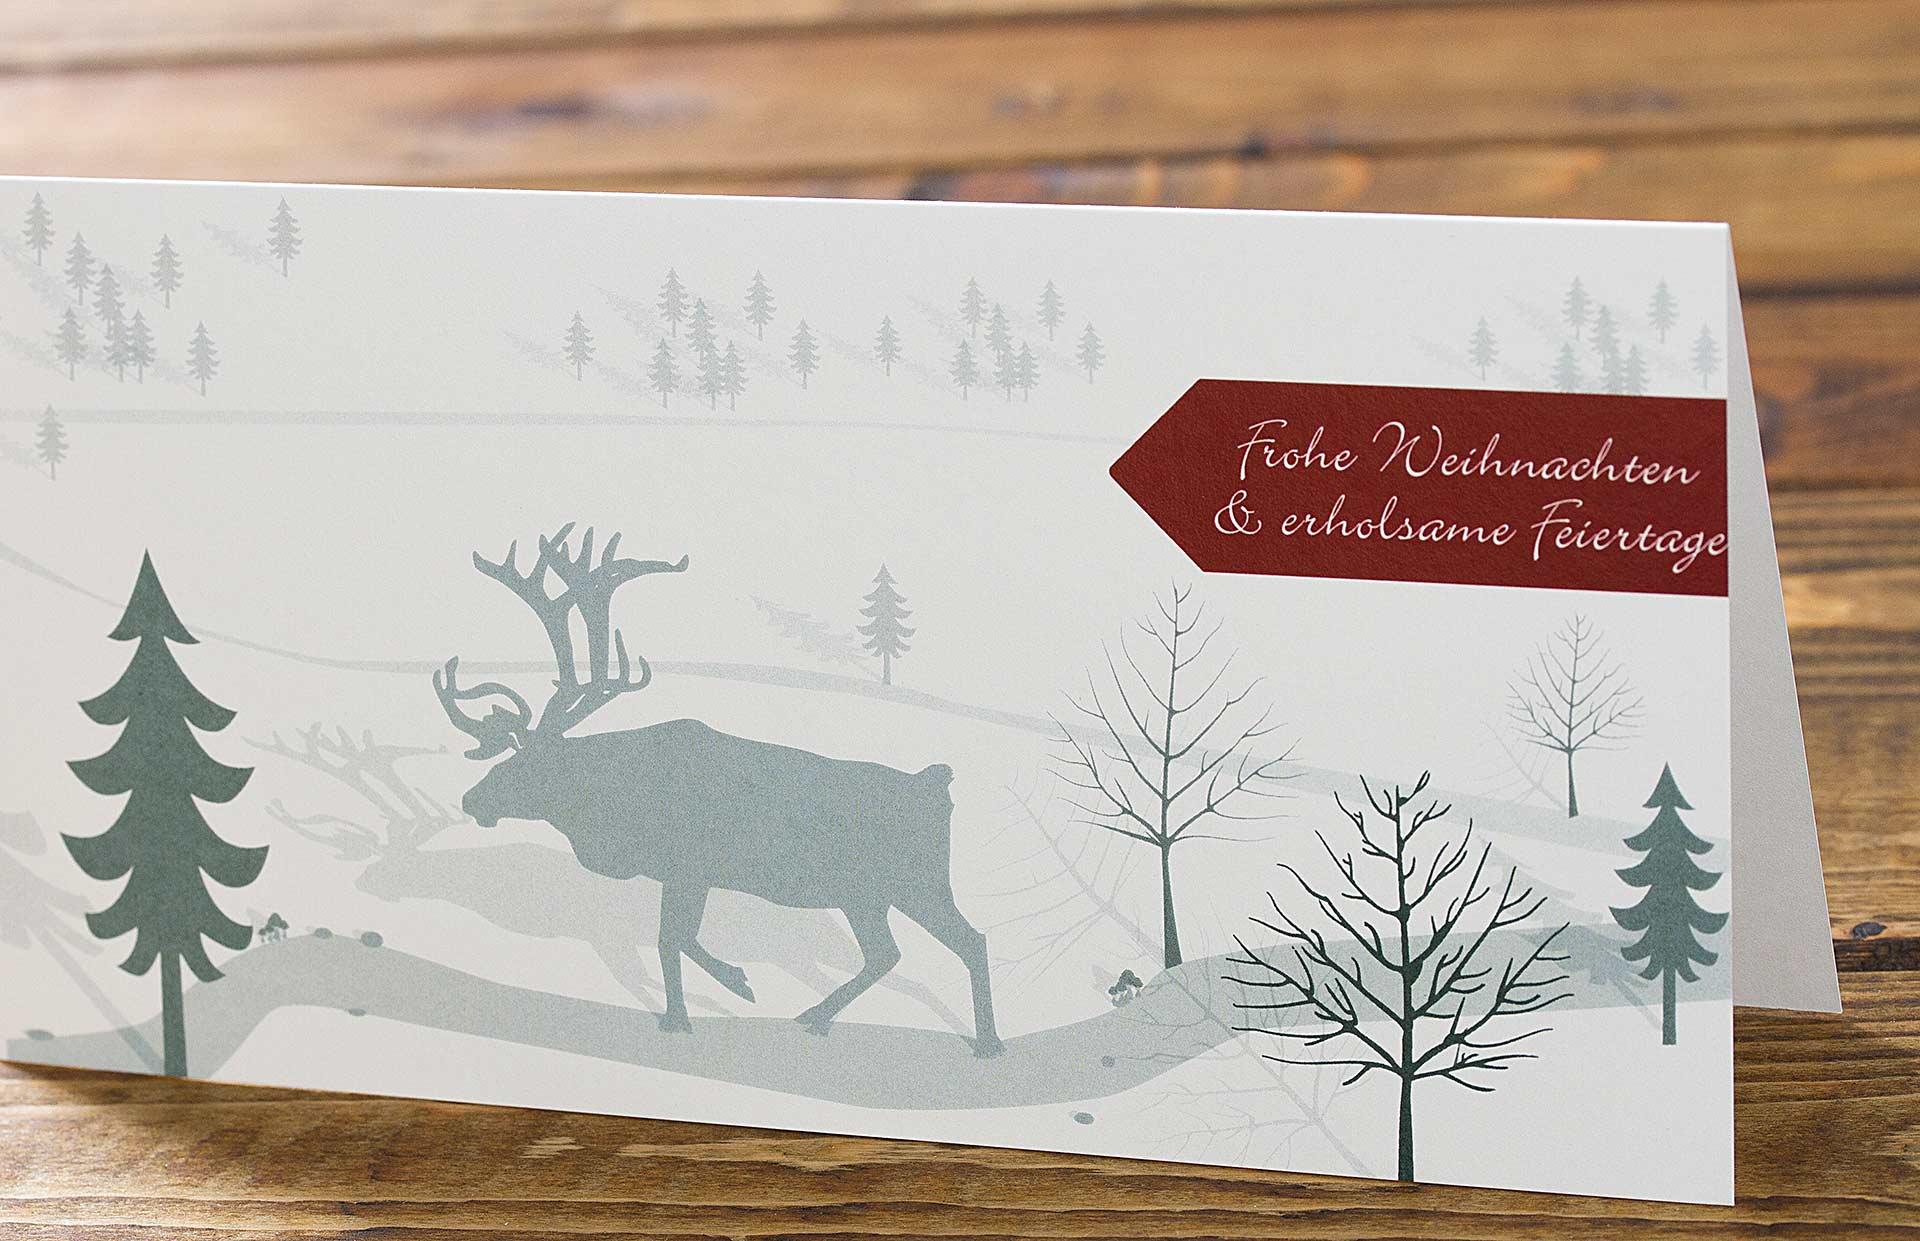 Gesch ftliche weihnachtskarten 2017 chilipfefferdesign for Moderne weihnachtskarten